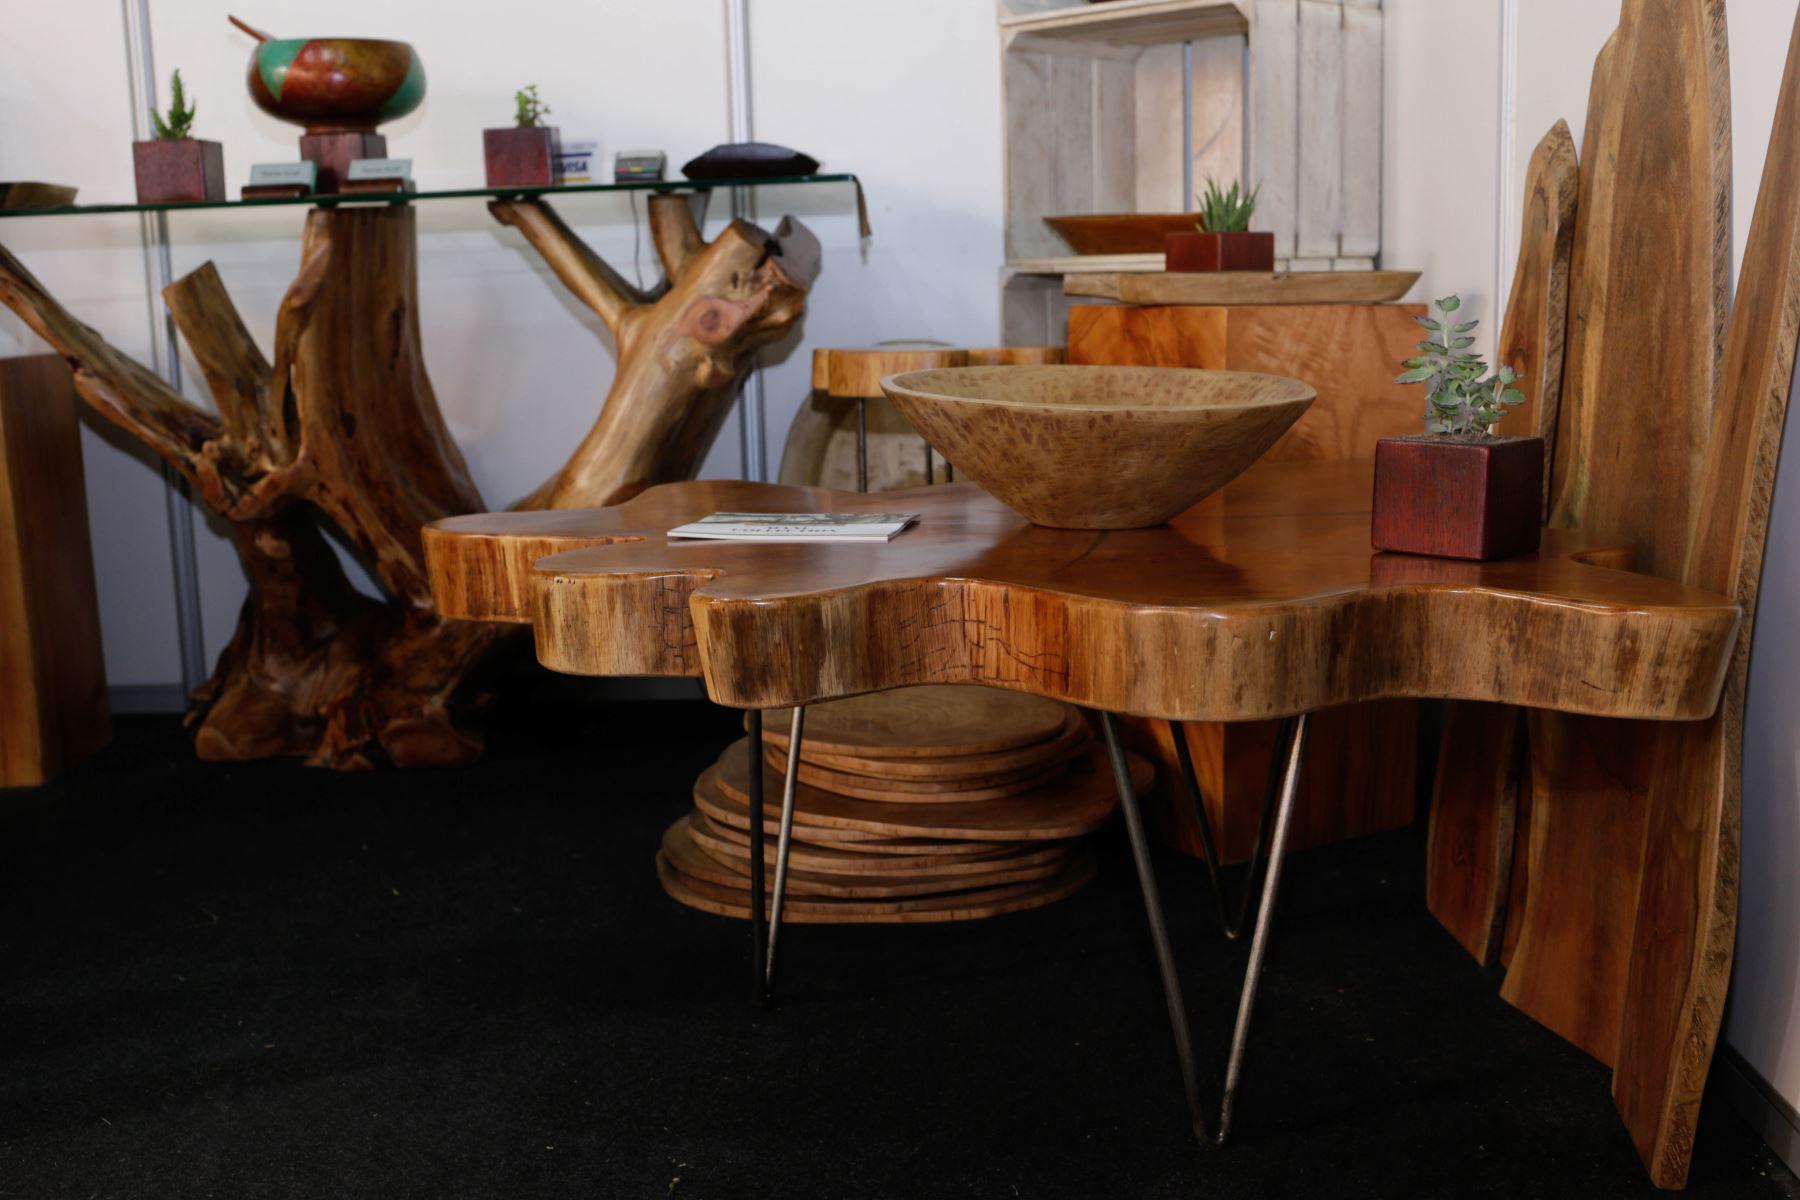 Mueble decorativo elaborado con residuos de árboles fue la sensación en Expodeco 2019.